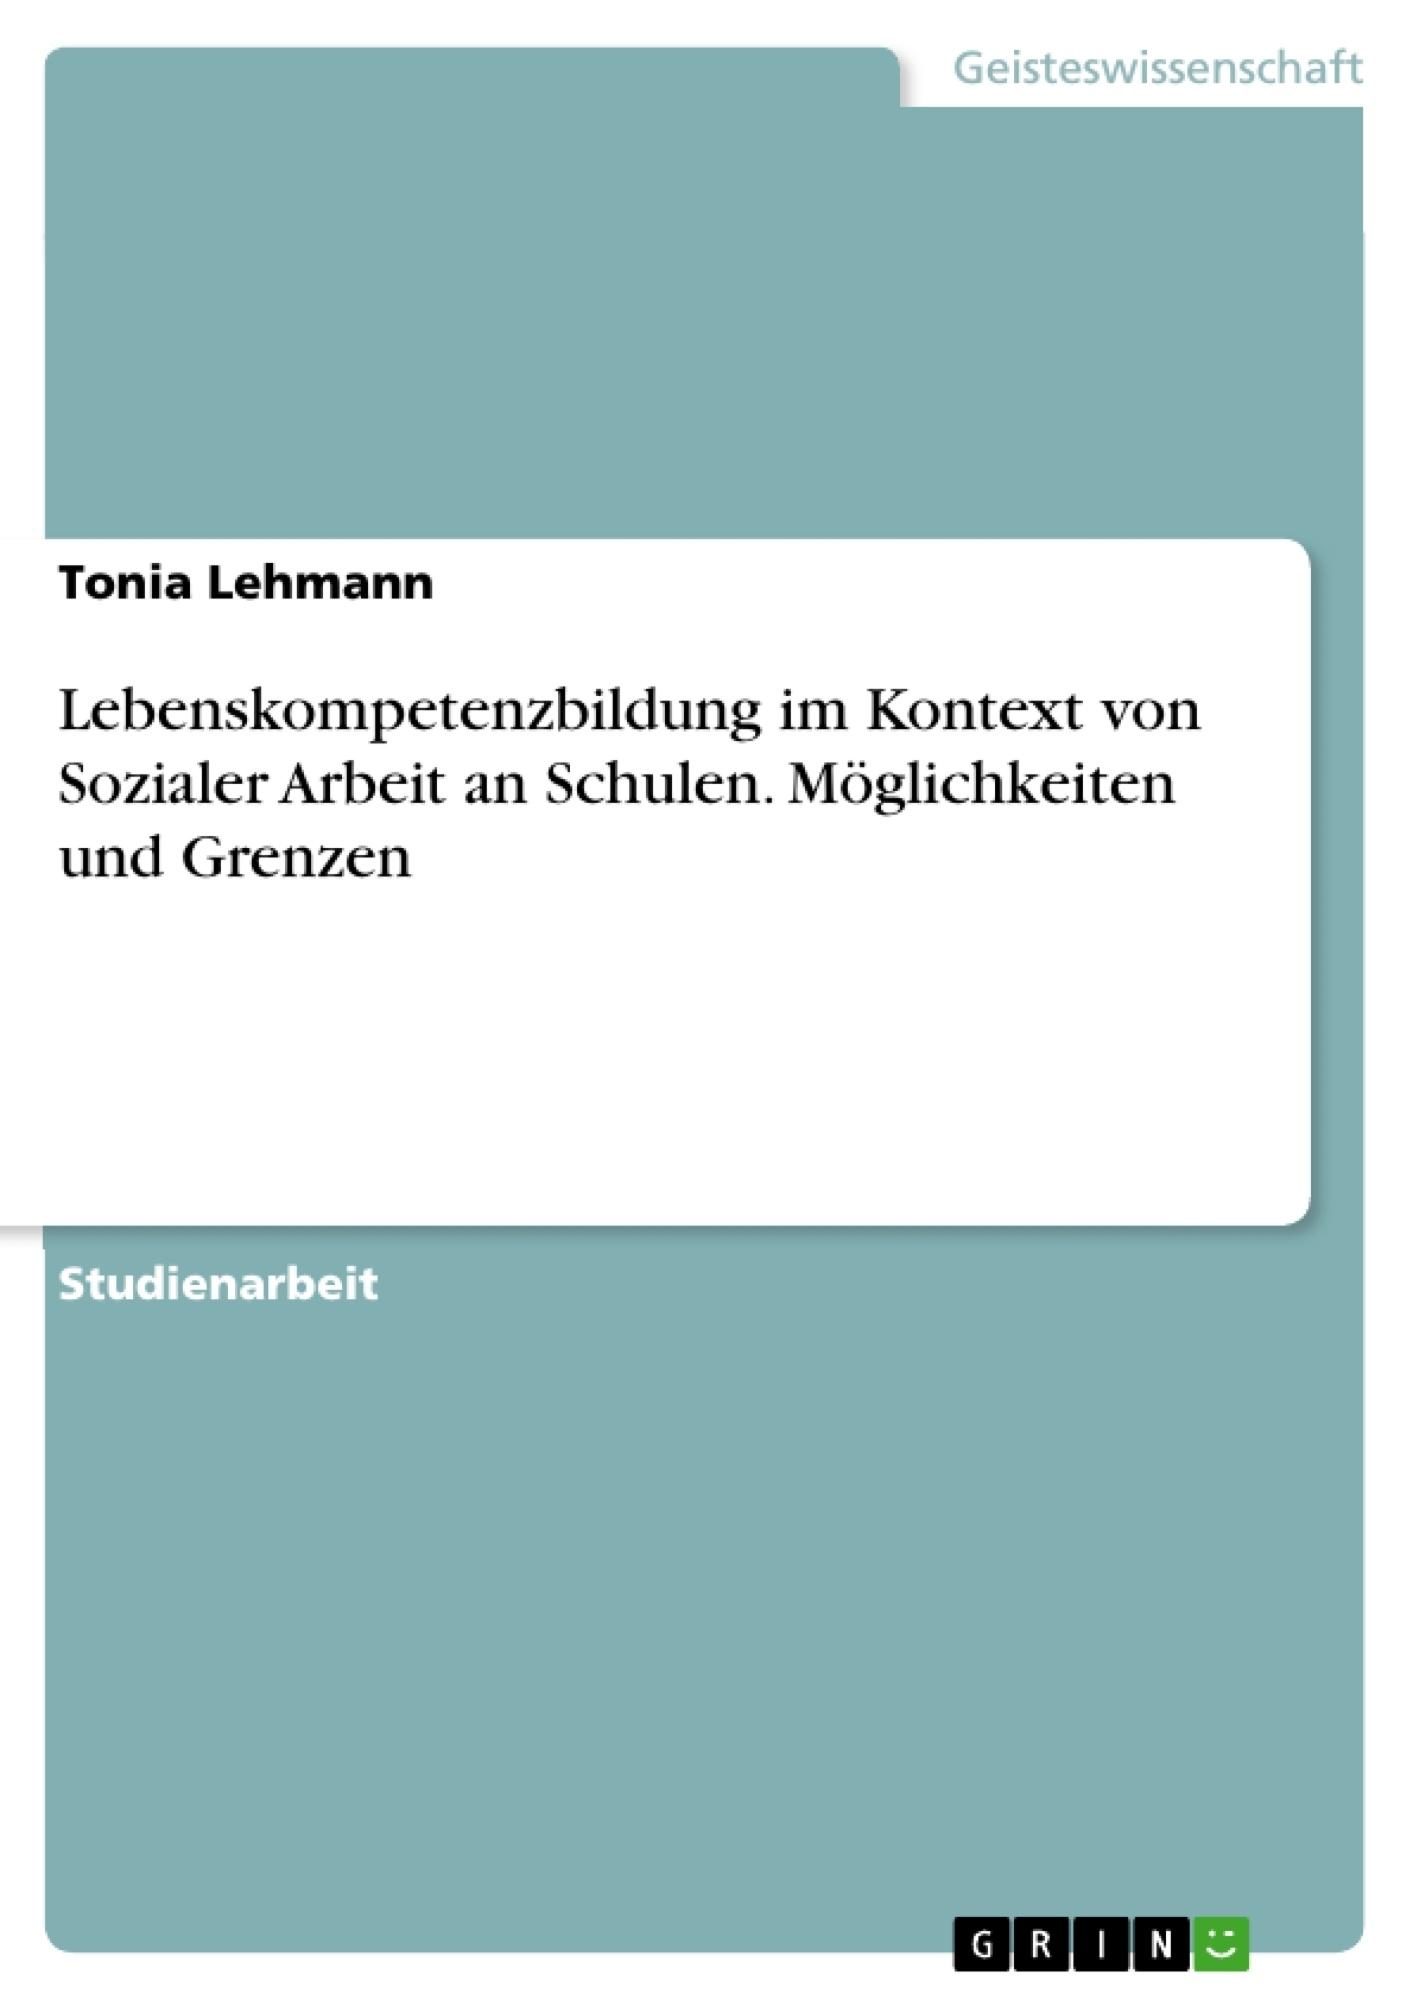 Titel: Lebenskompetenzbildung im Kontext von Sozialer Arbeit an Schulen. Möglichkeiten und Grenzen